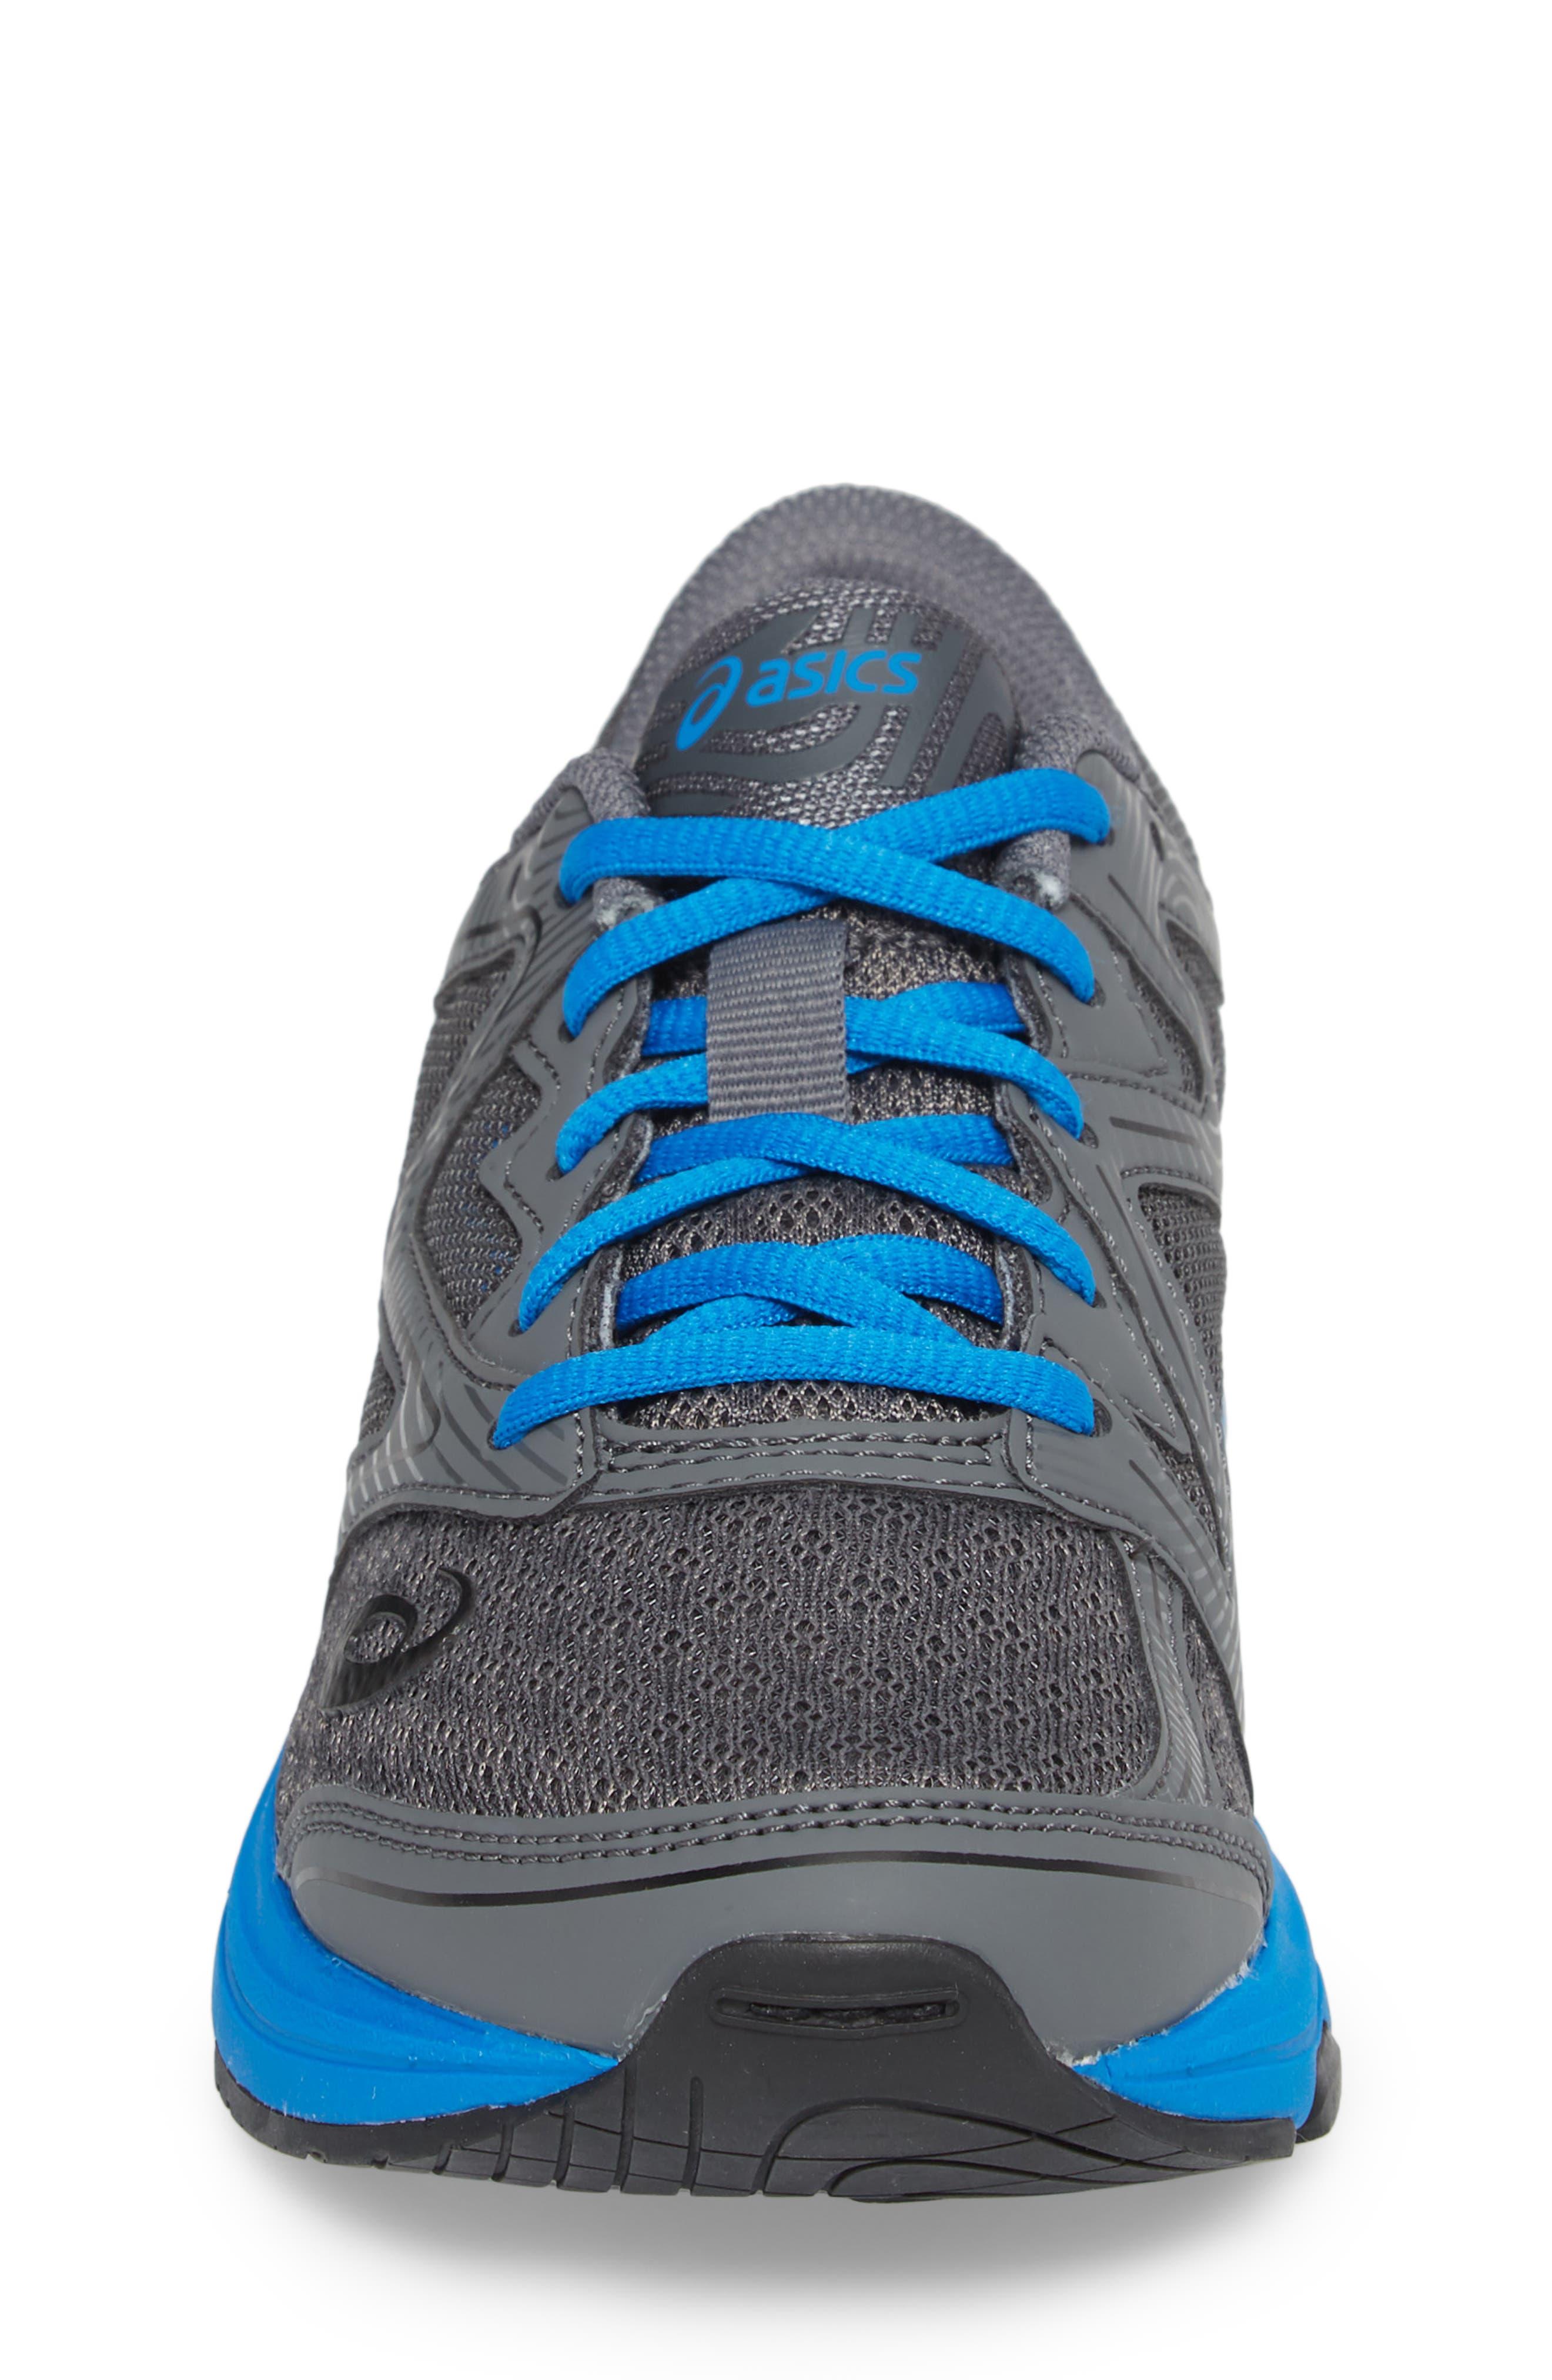 Noosa GS Sneaker,                             Alternate thumbnail 4, color,                             CARBON/ DIRECTOIRE BLUE/ BLACK